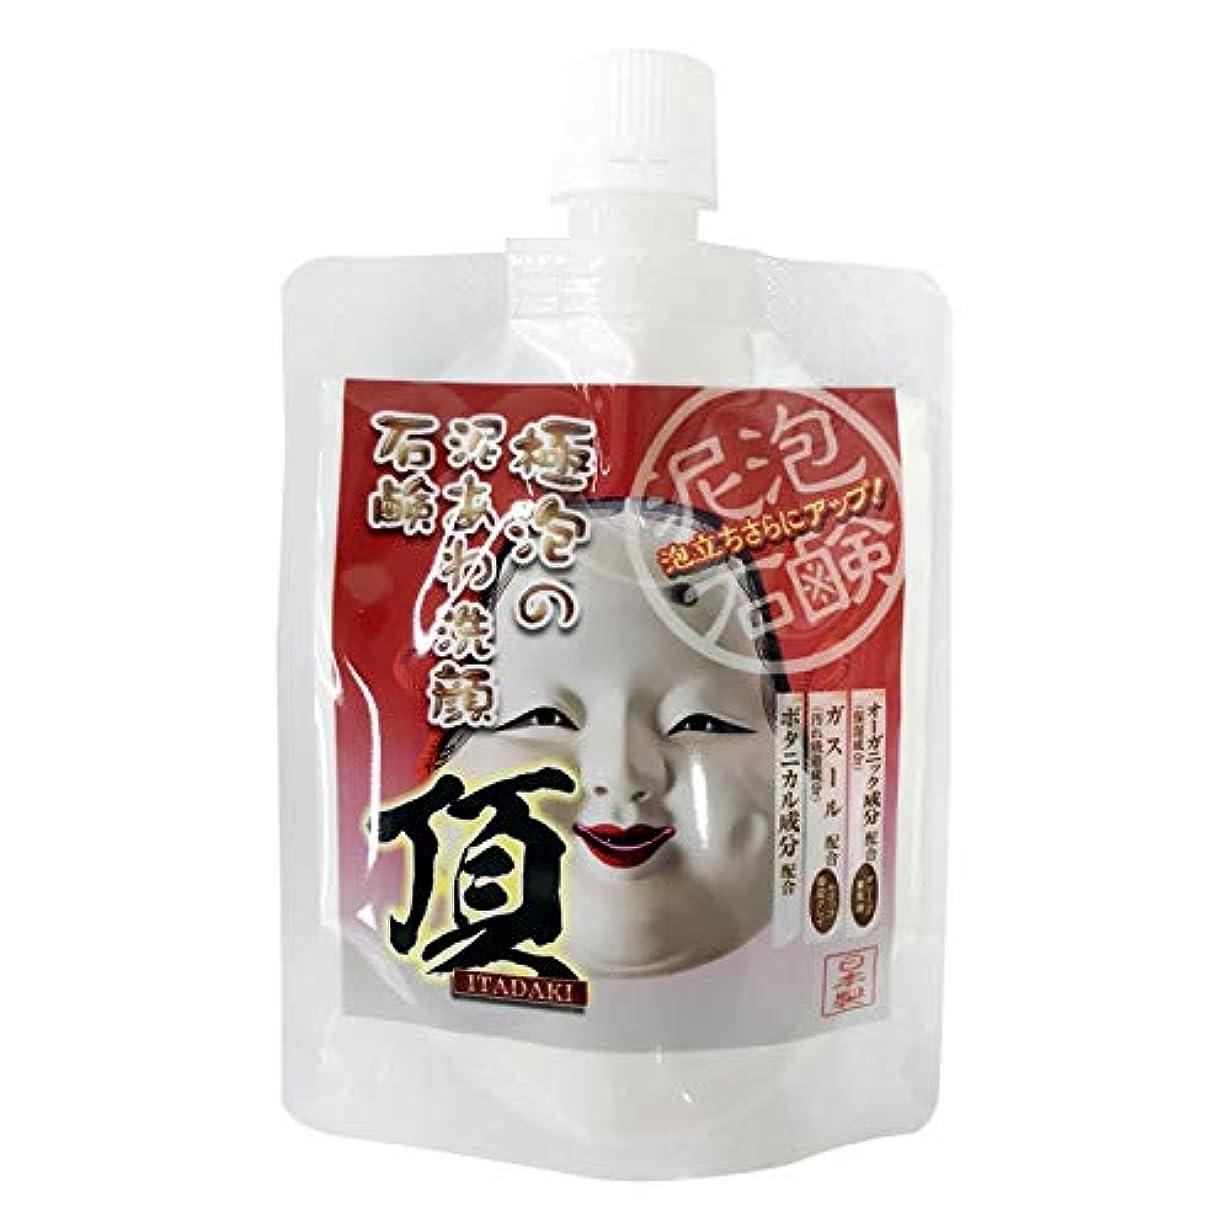 極泡の泥あわ洗顔石鹸 頂 130g ガスール 豆乳 ボタニカル 酒粕 エキス配合